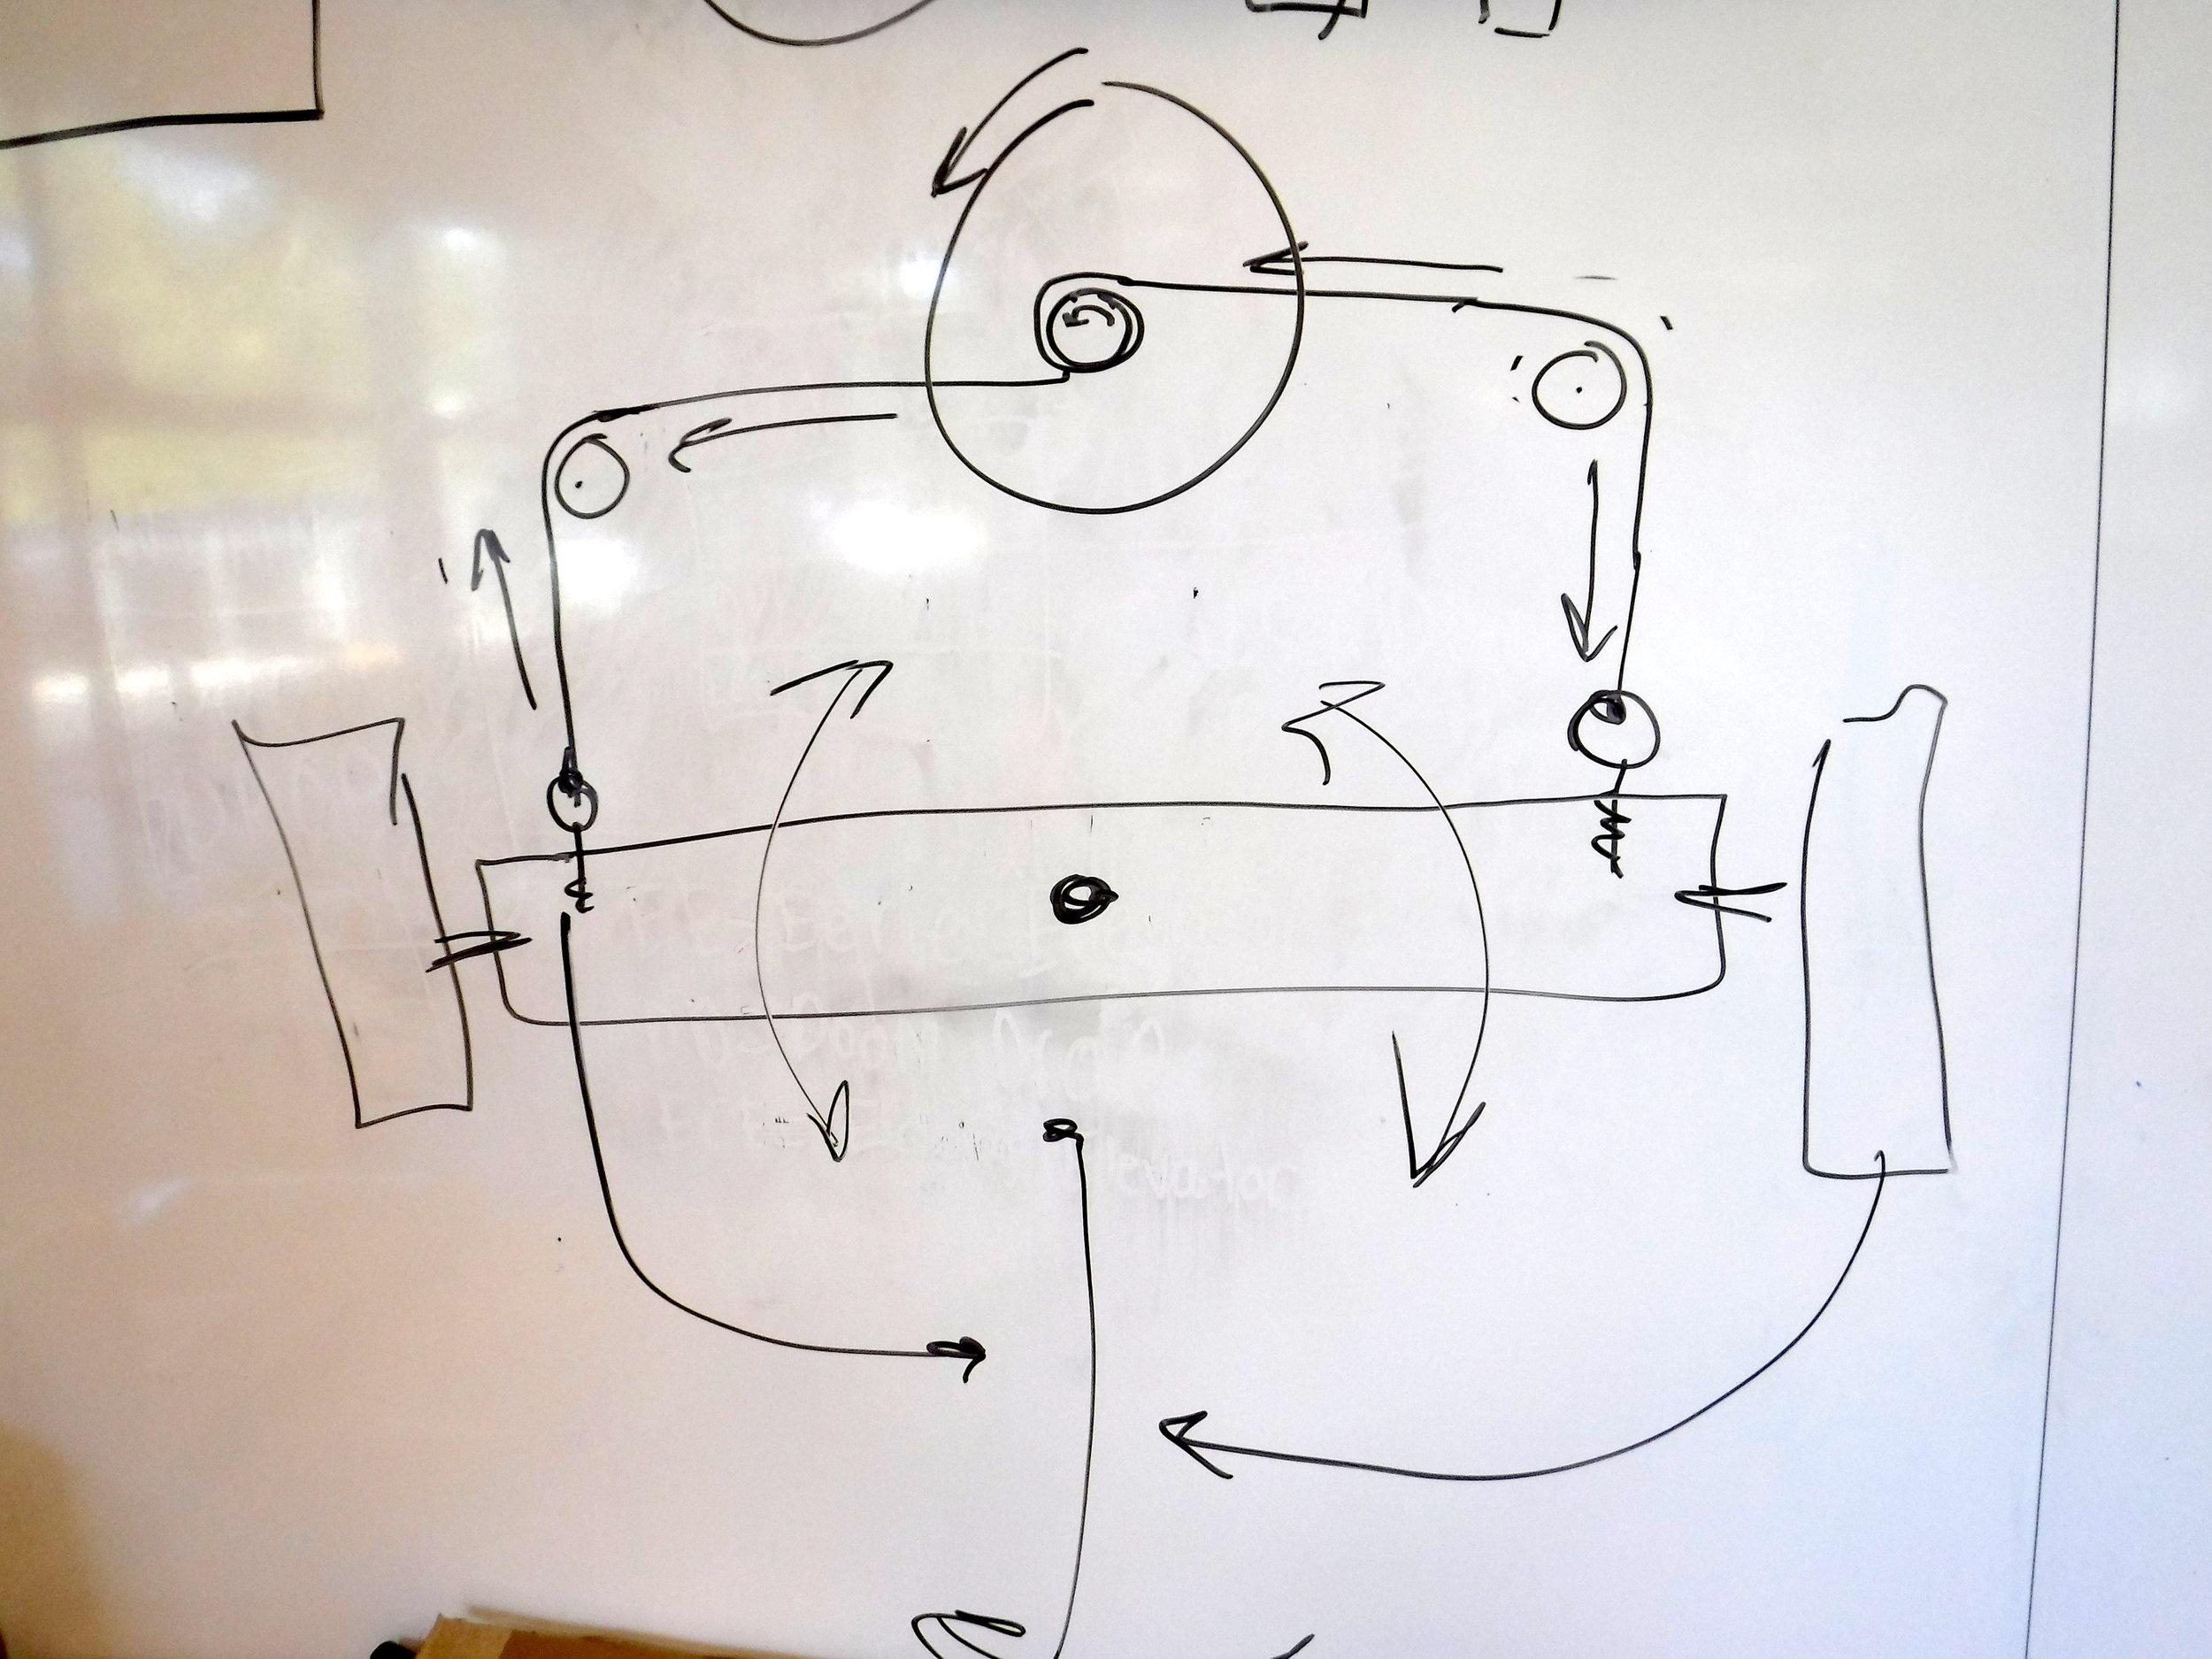 pulleys sketch.JPG